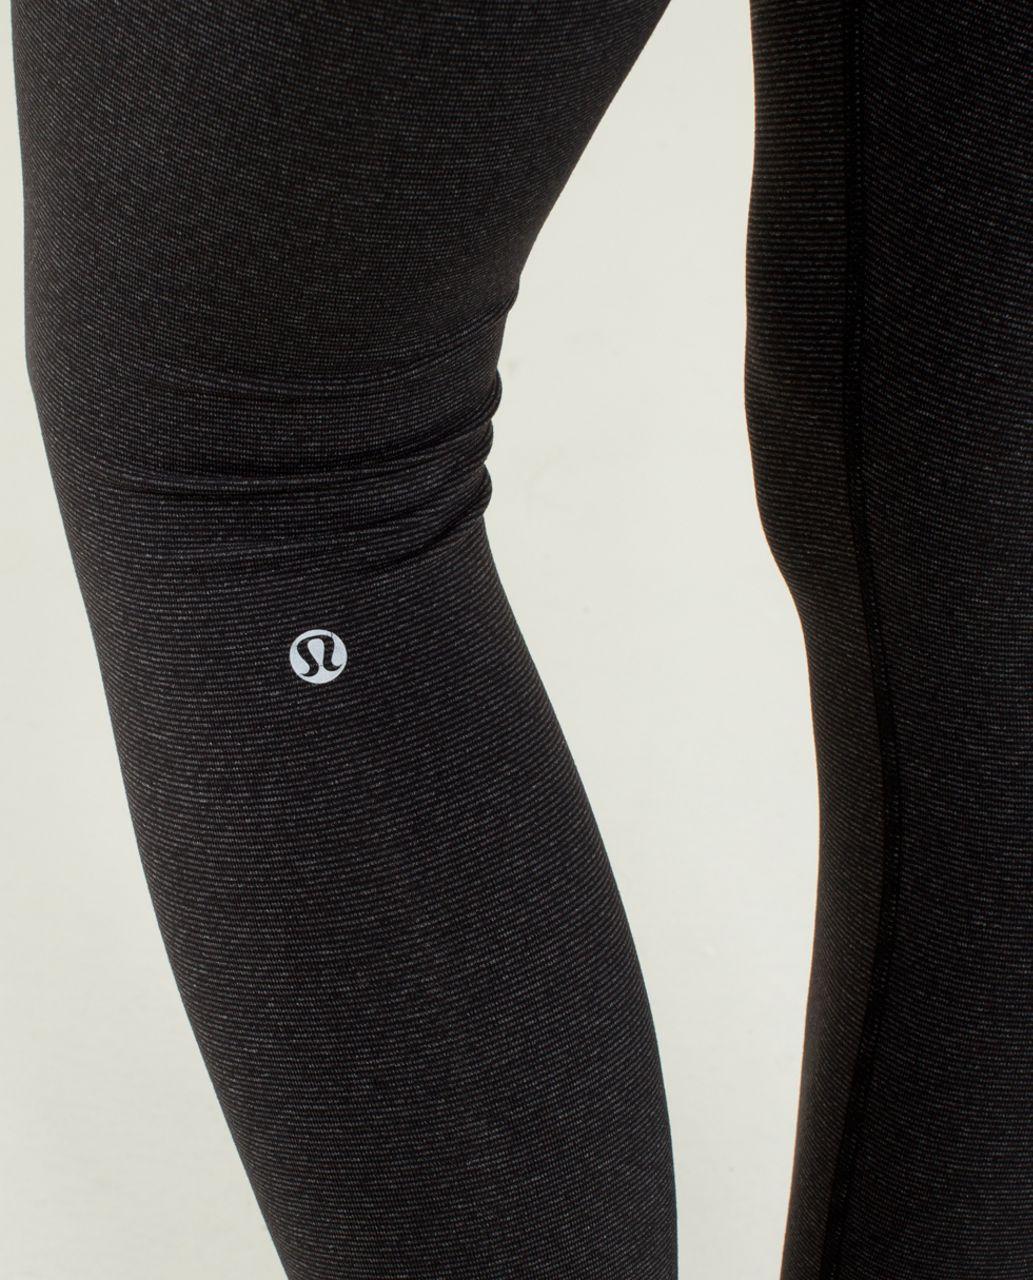 Lululemon Wunder Under Pant *High/Low - Wee Stripe Black Heathered Black /  Black